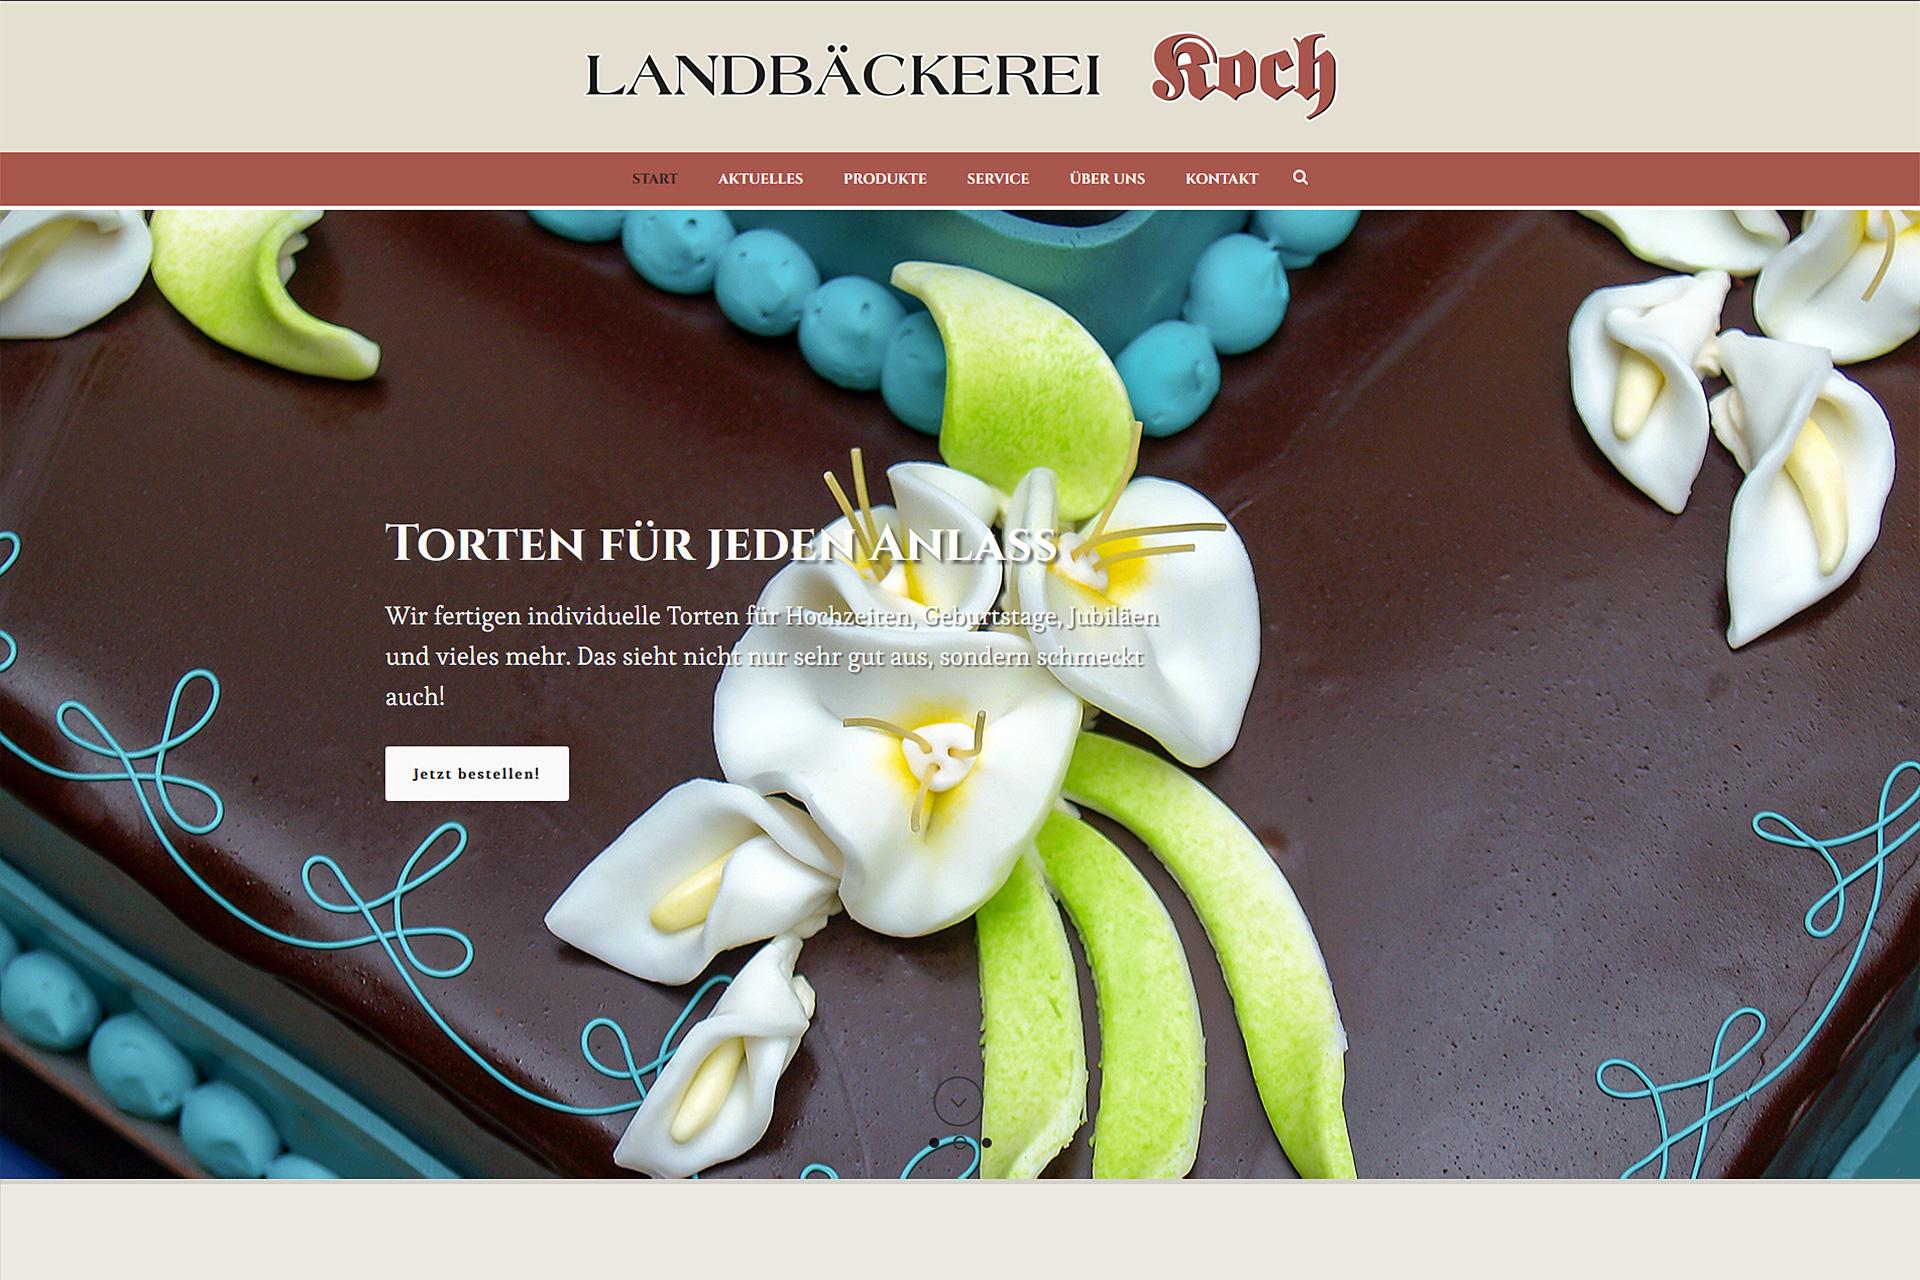 Landbäckerei Koch: Willkommen auf unserer neuen Website!